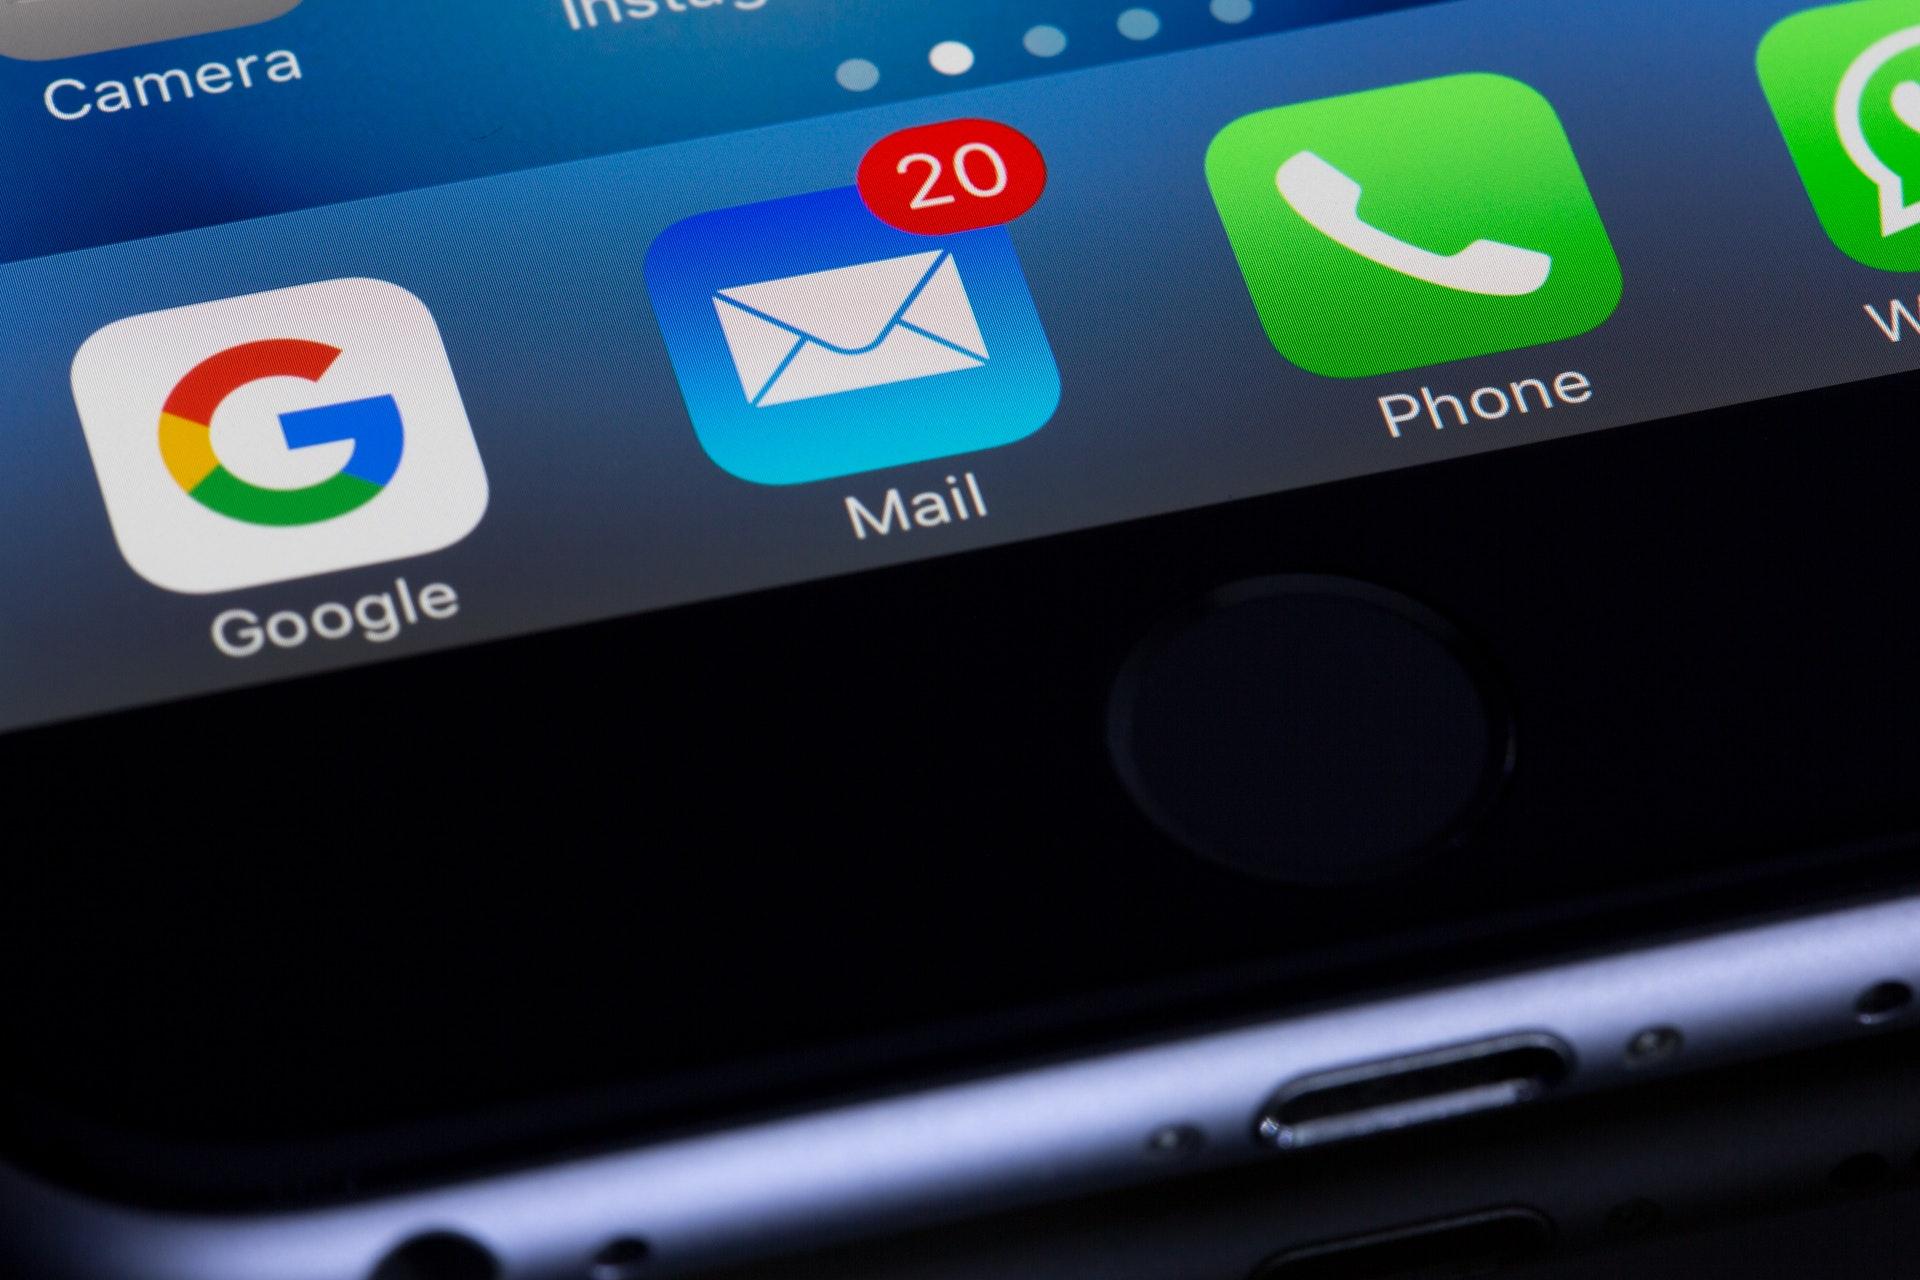 Notificaciones De Seguridad En Tu Dispositivo Movil